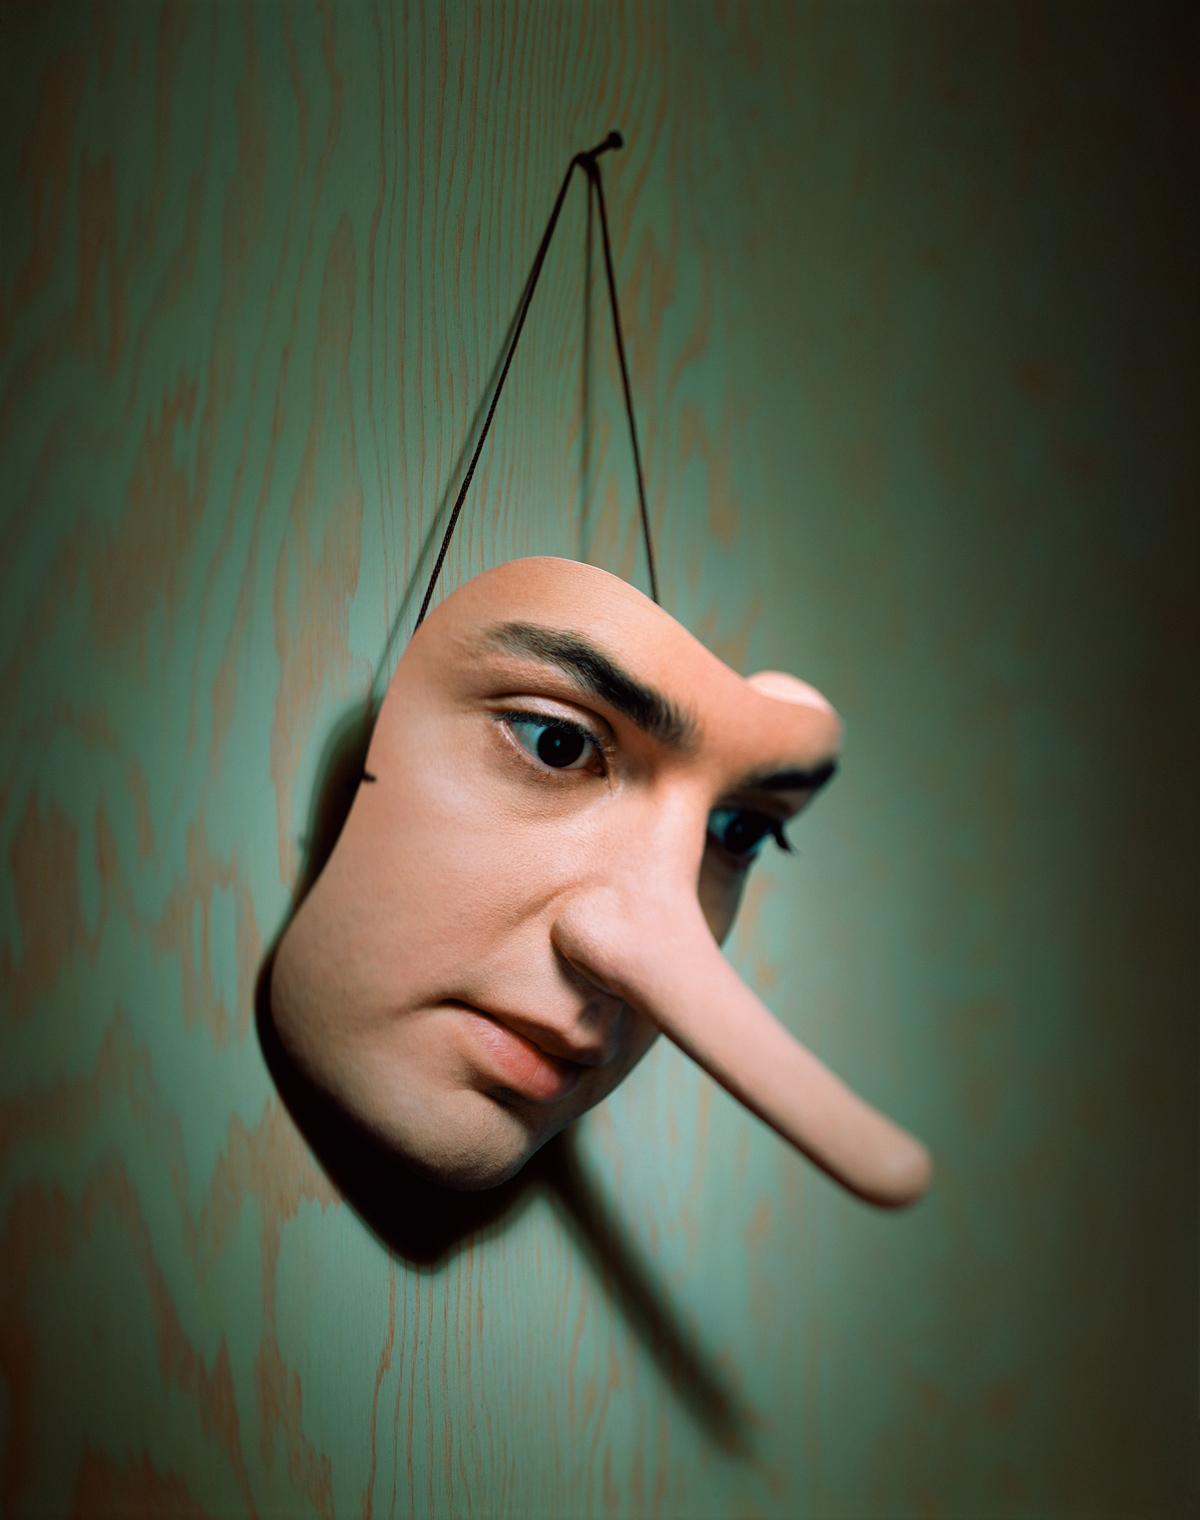 Yalan Söyleyeni Ele Verecek İpuçları